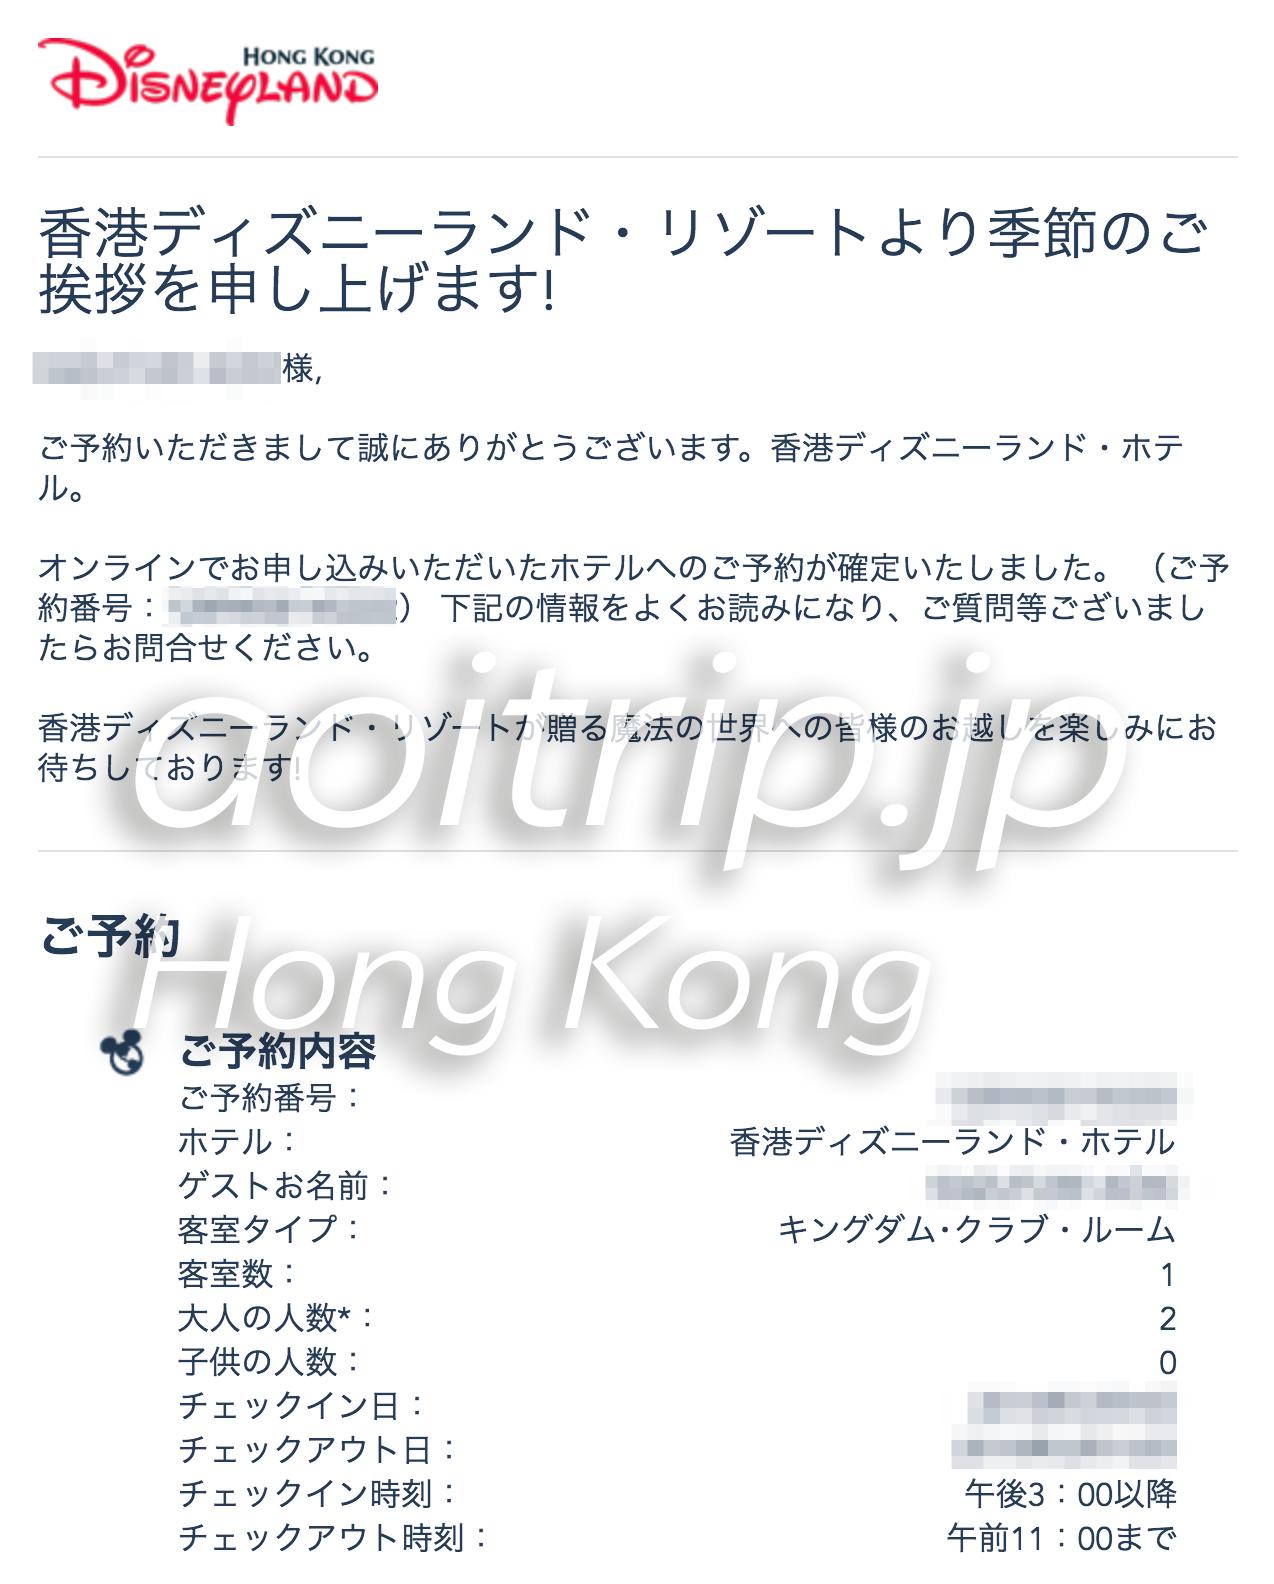 香港ディズニーランドの公式ホテル予約方法